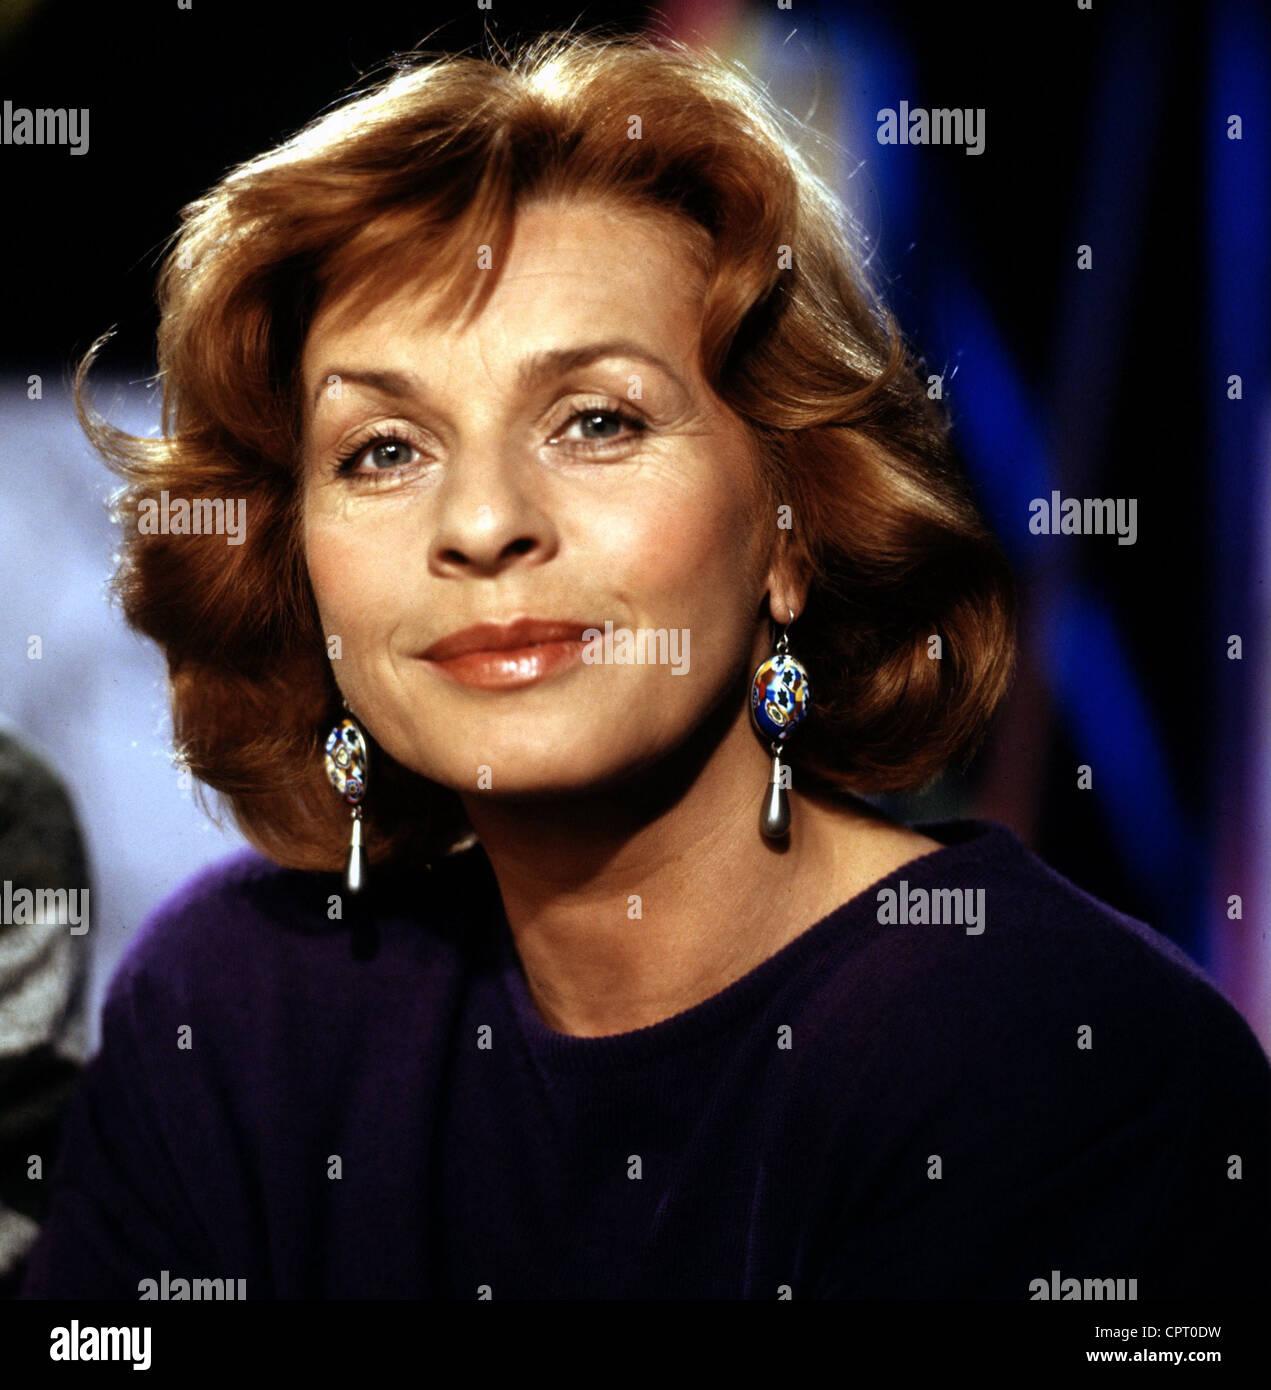 Berger, Senta, * 13.5.1941, actriz austriaca, retrato, 1989, Foto de stock